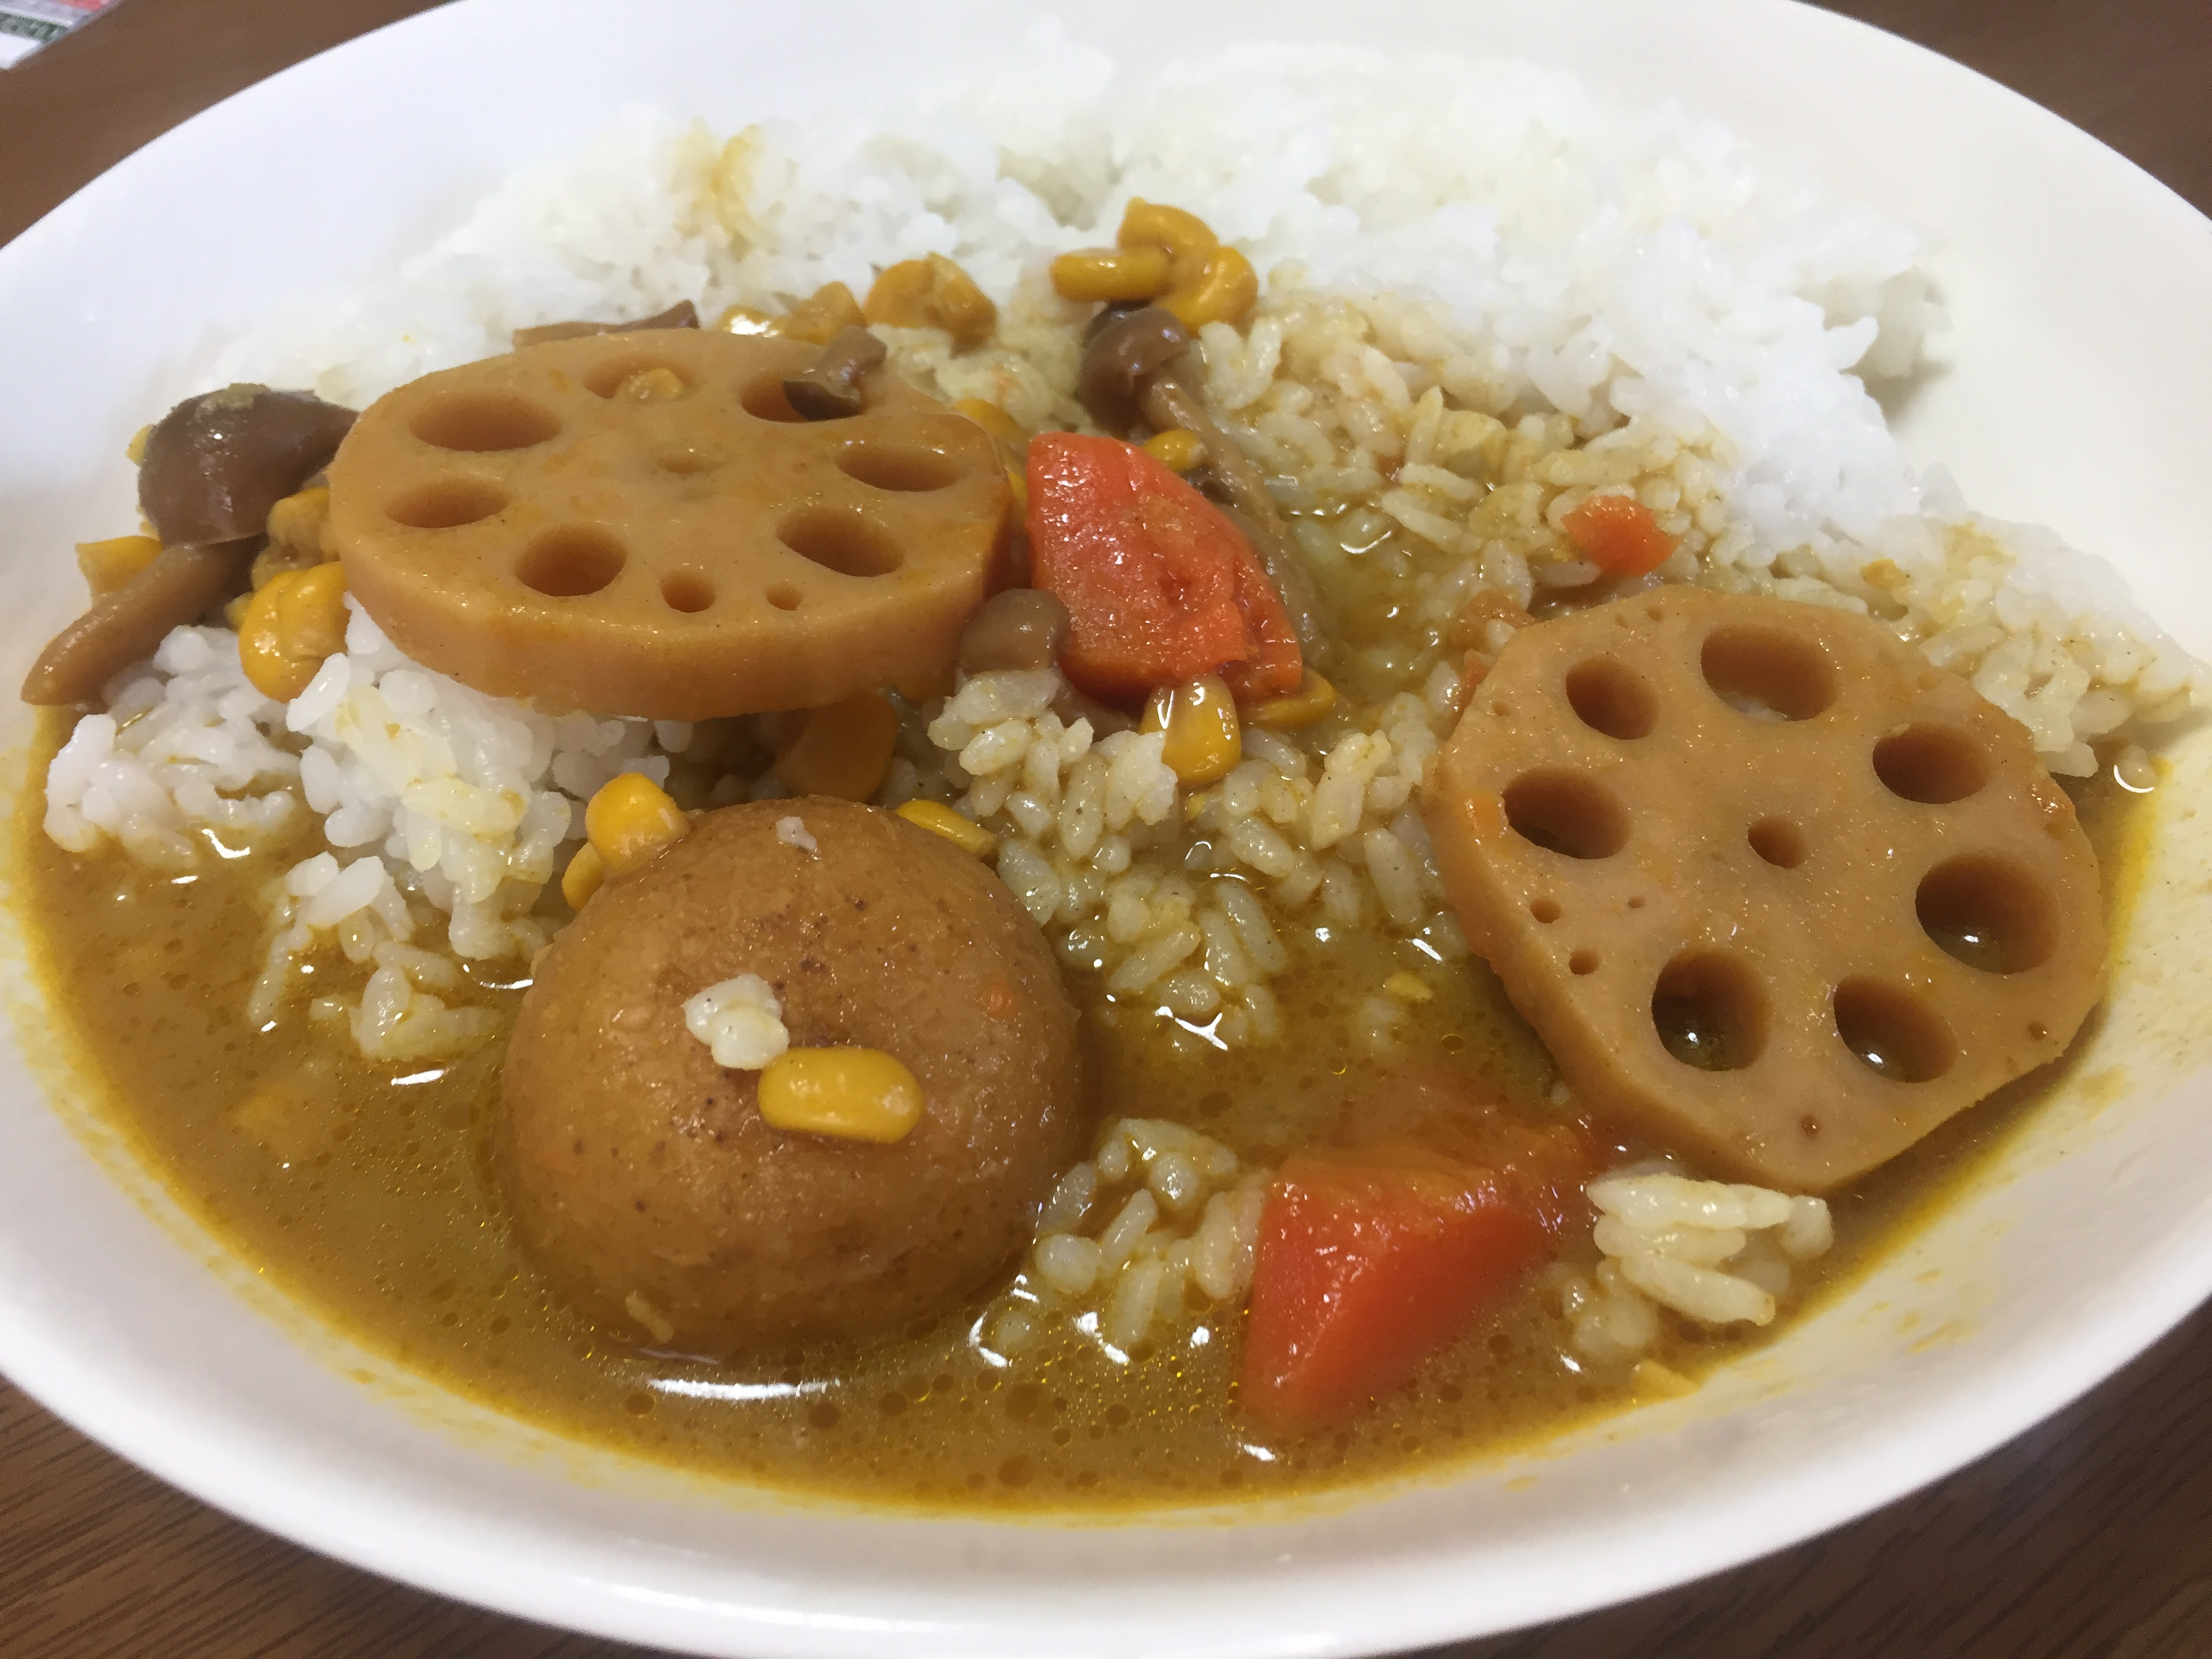 無印良品の根菜のスパイシースープカレー